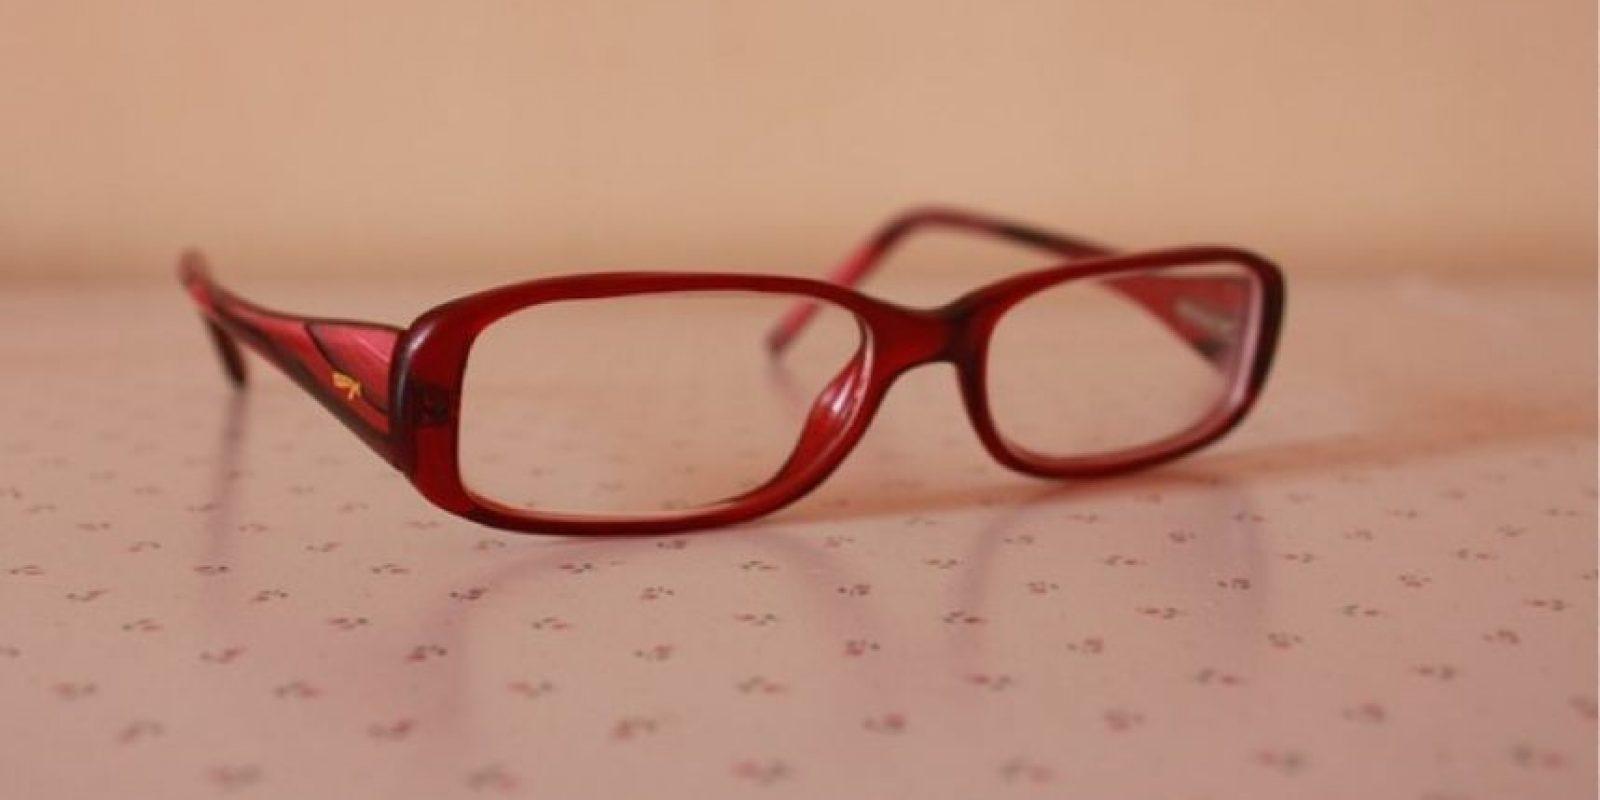 4. El antirreflejante en las gafas es muy necesario, pues ayuda a que los ojos convivan mejor con las luces artificiales y no se esfuercen en enfocar. Foto:Pixabay